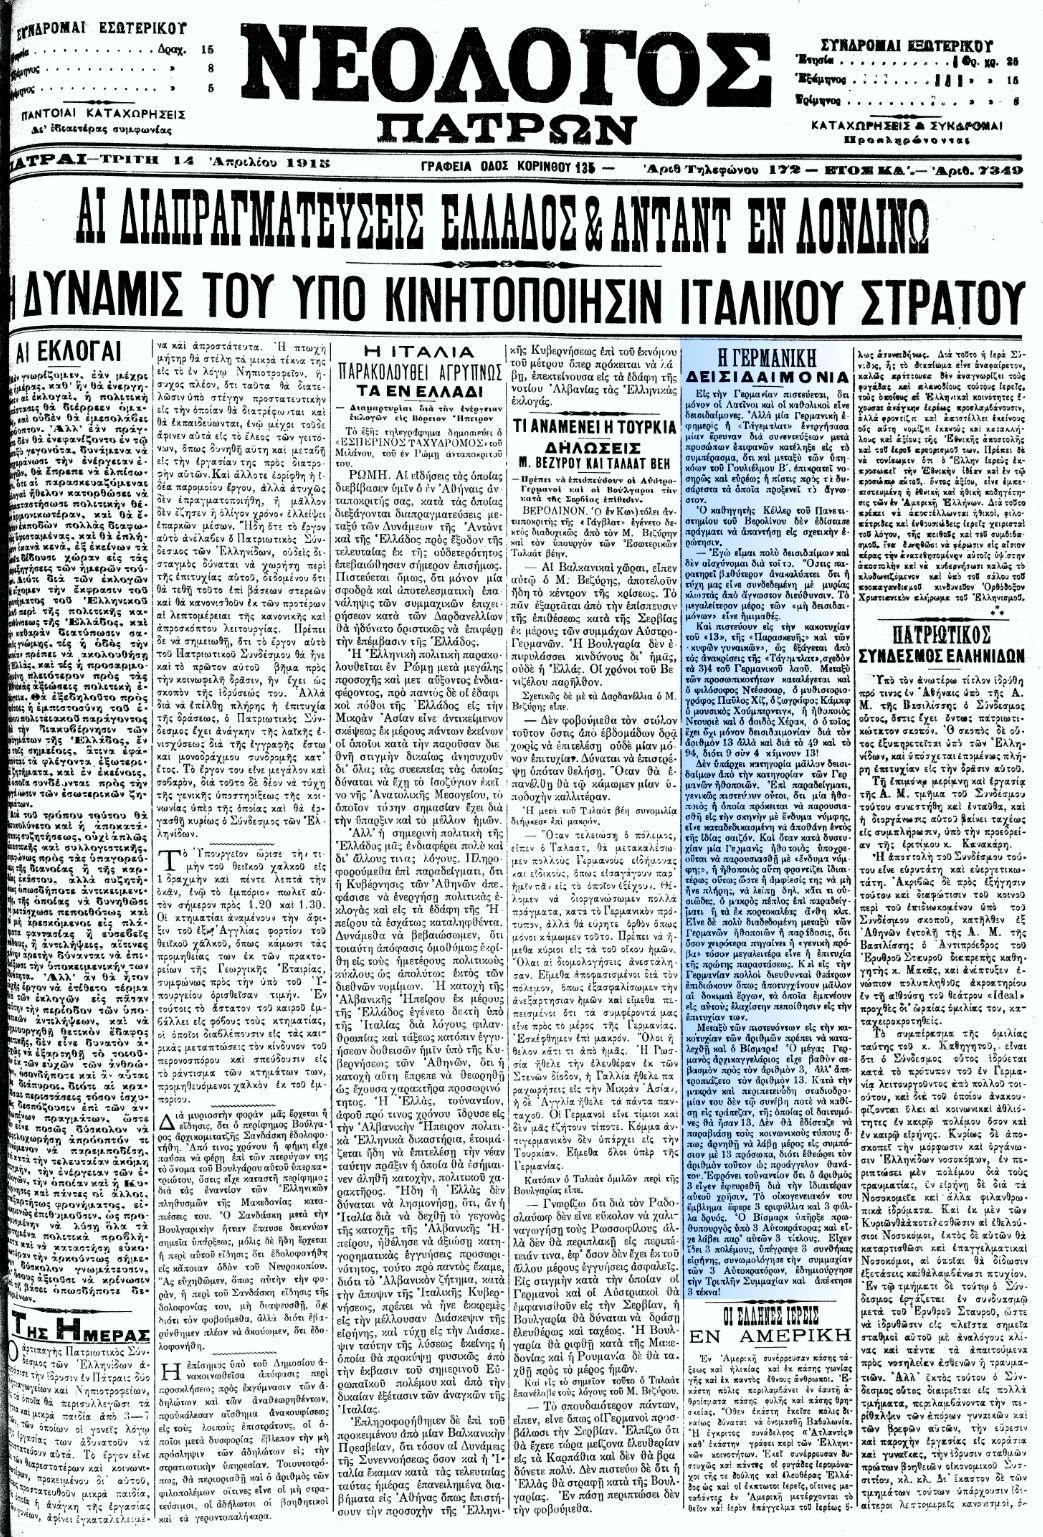 """Το άρθρο, όπως δημοσιεύθηκε στην εφημερίδα """"ΝΕΟΛΟΓΟΣ ΠΑΤΡΩΝ"""", στις 14/04/1915"""